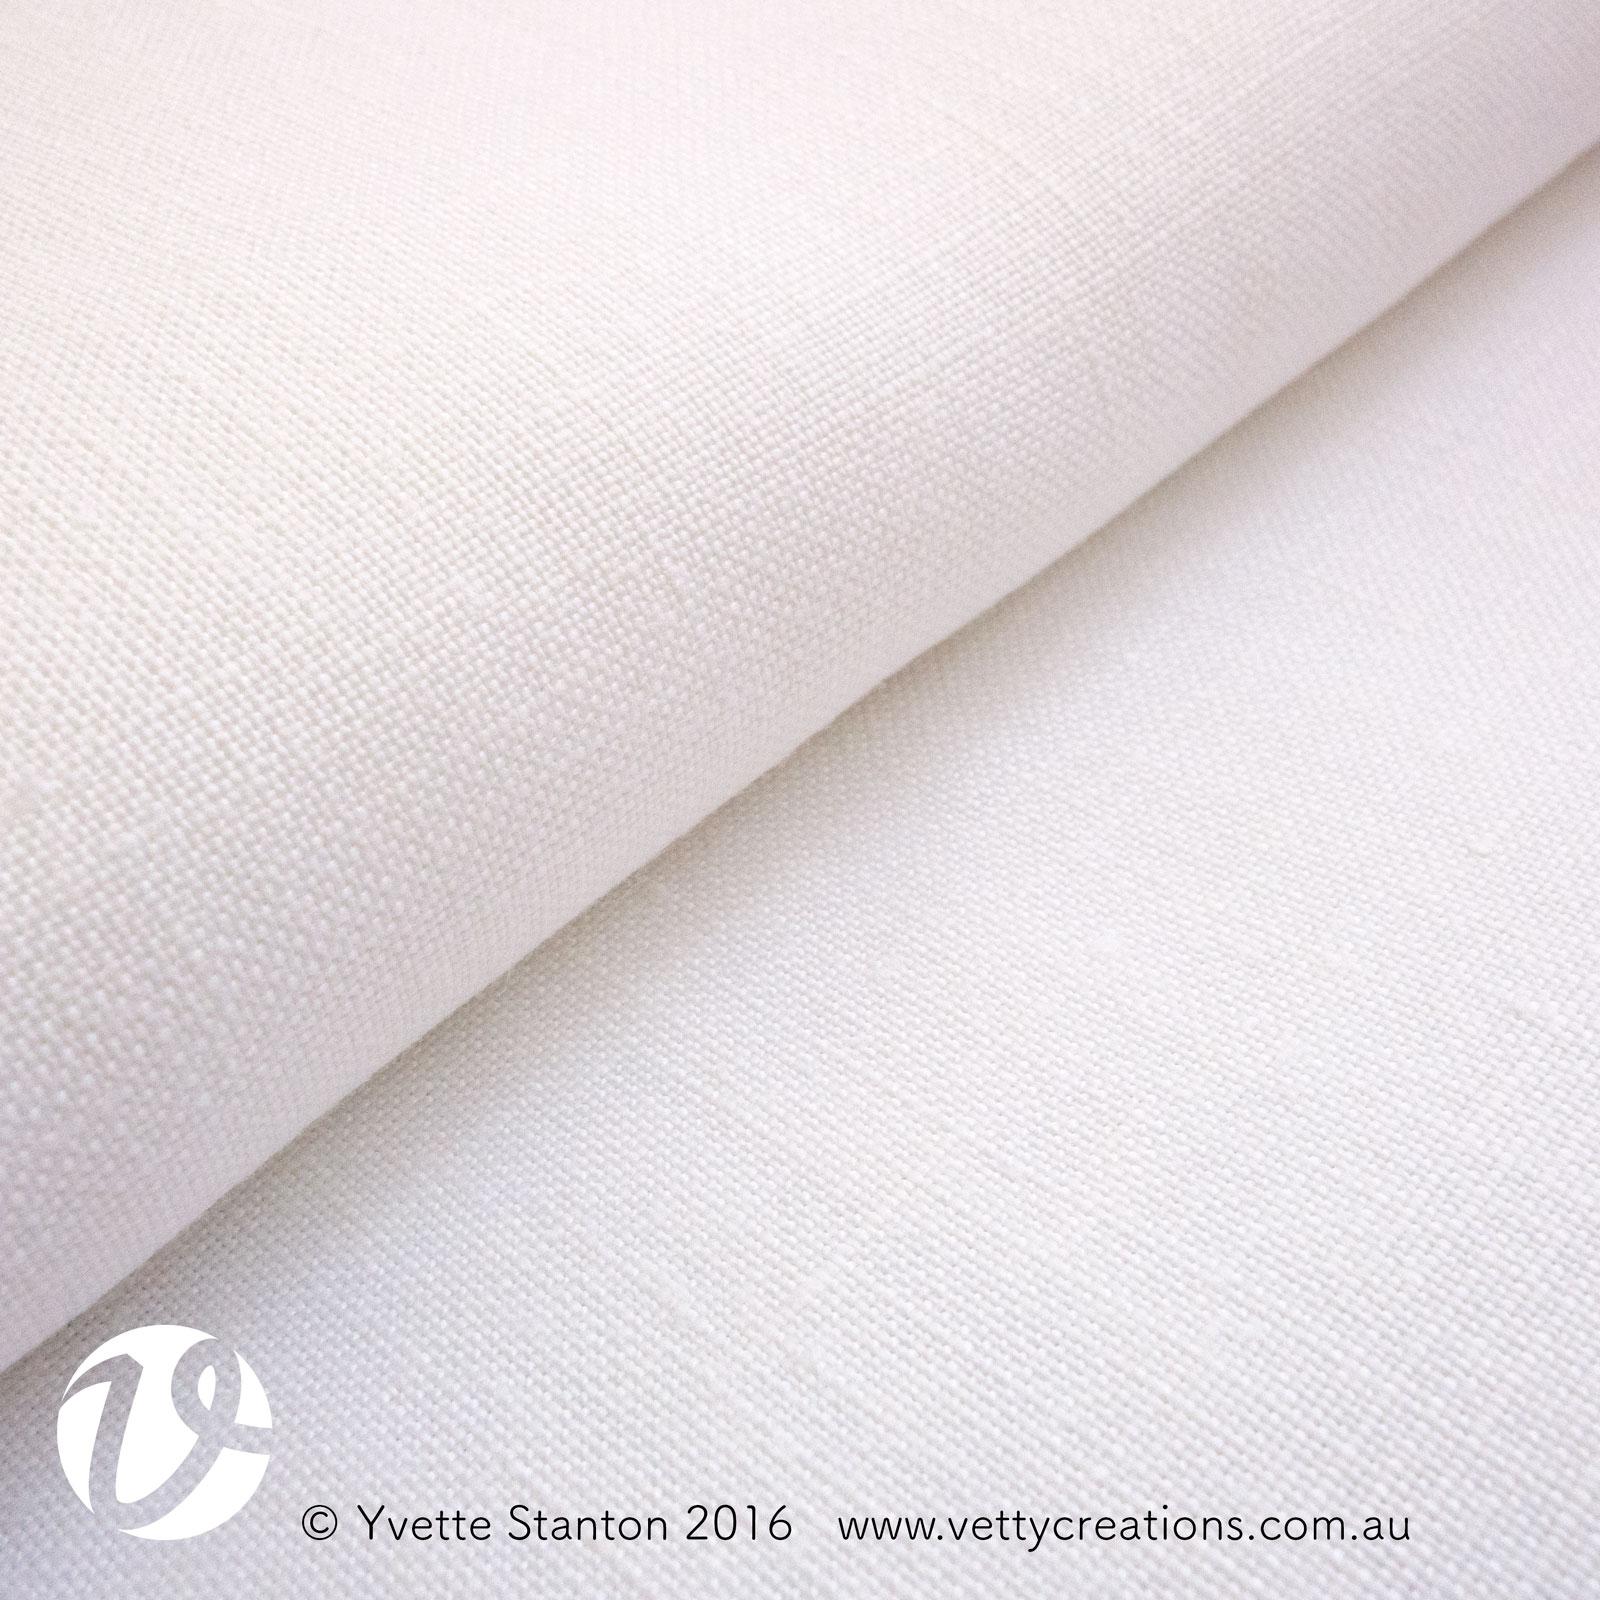 Weddigen 22 linen, 50 count